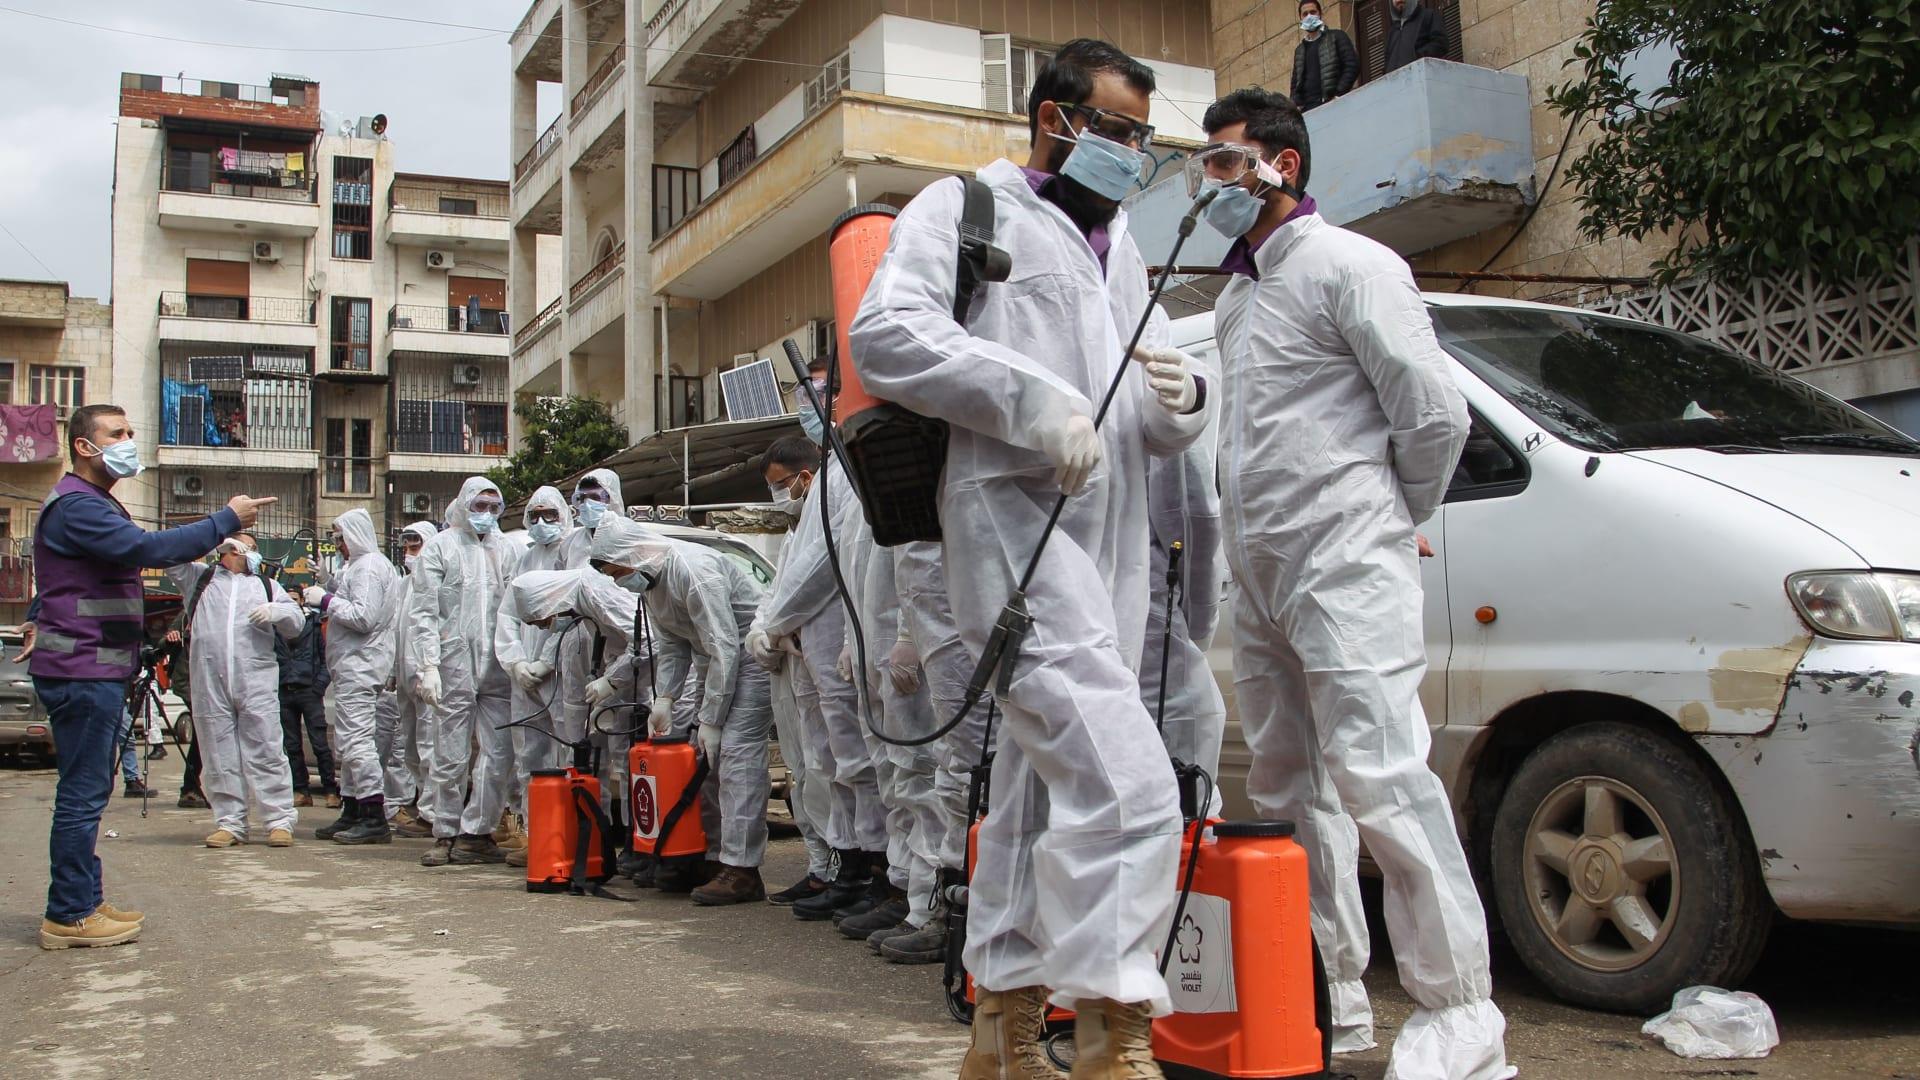 كيف تتعامل دول الشرق الأوسط مع انتشار فيروس كورونا الجديد؟